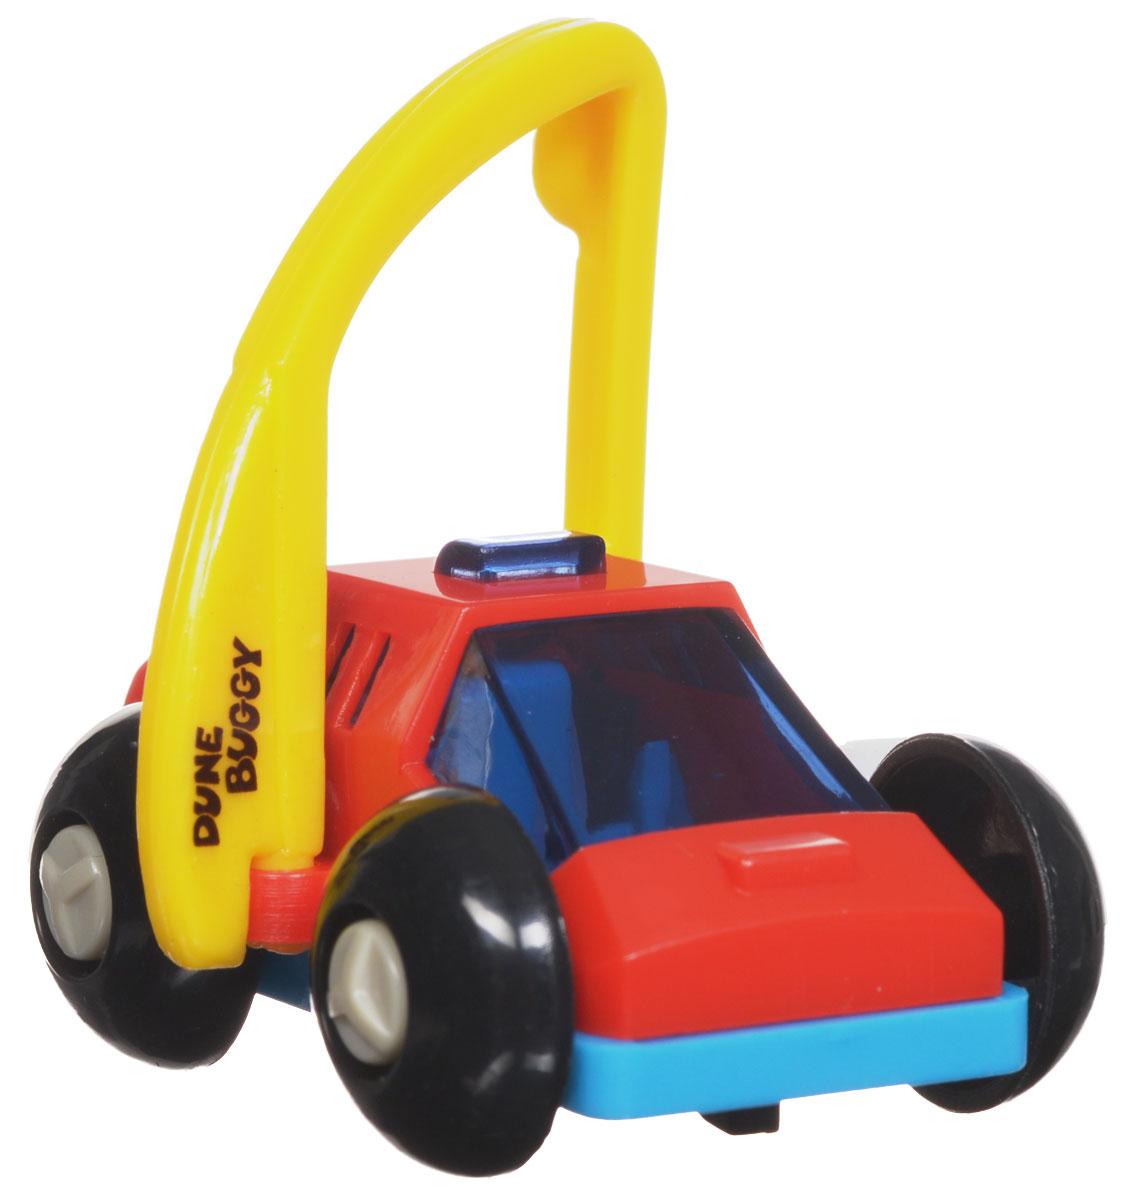 Hans Игрушка заводная Багги цвет красный голубой игрушка